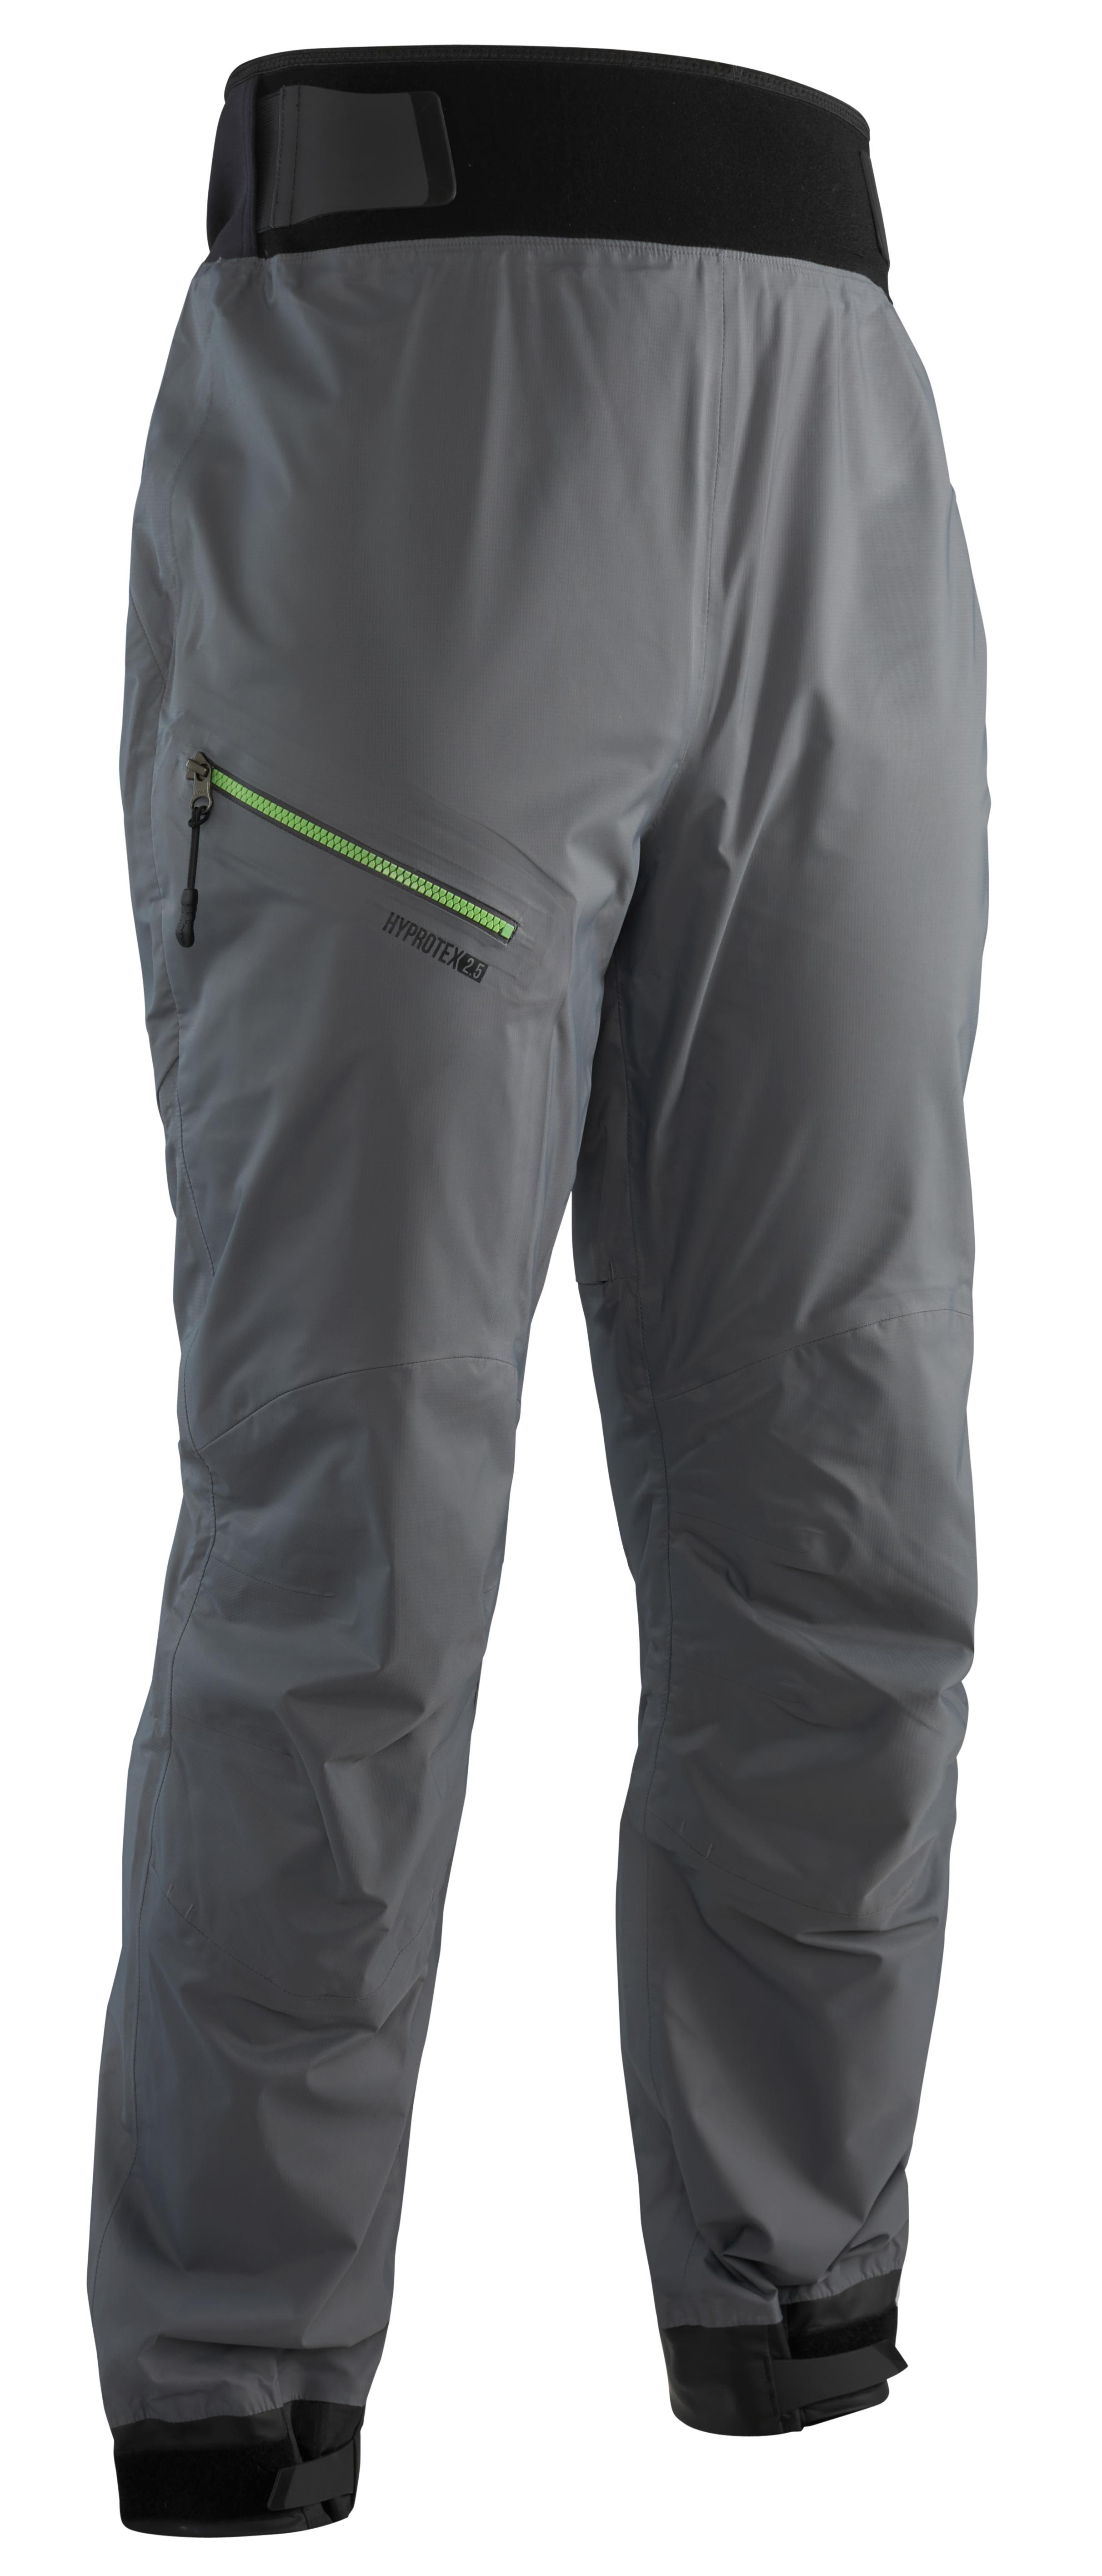 2018 NRS Men's Endurance Splash Pants